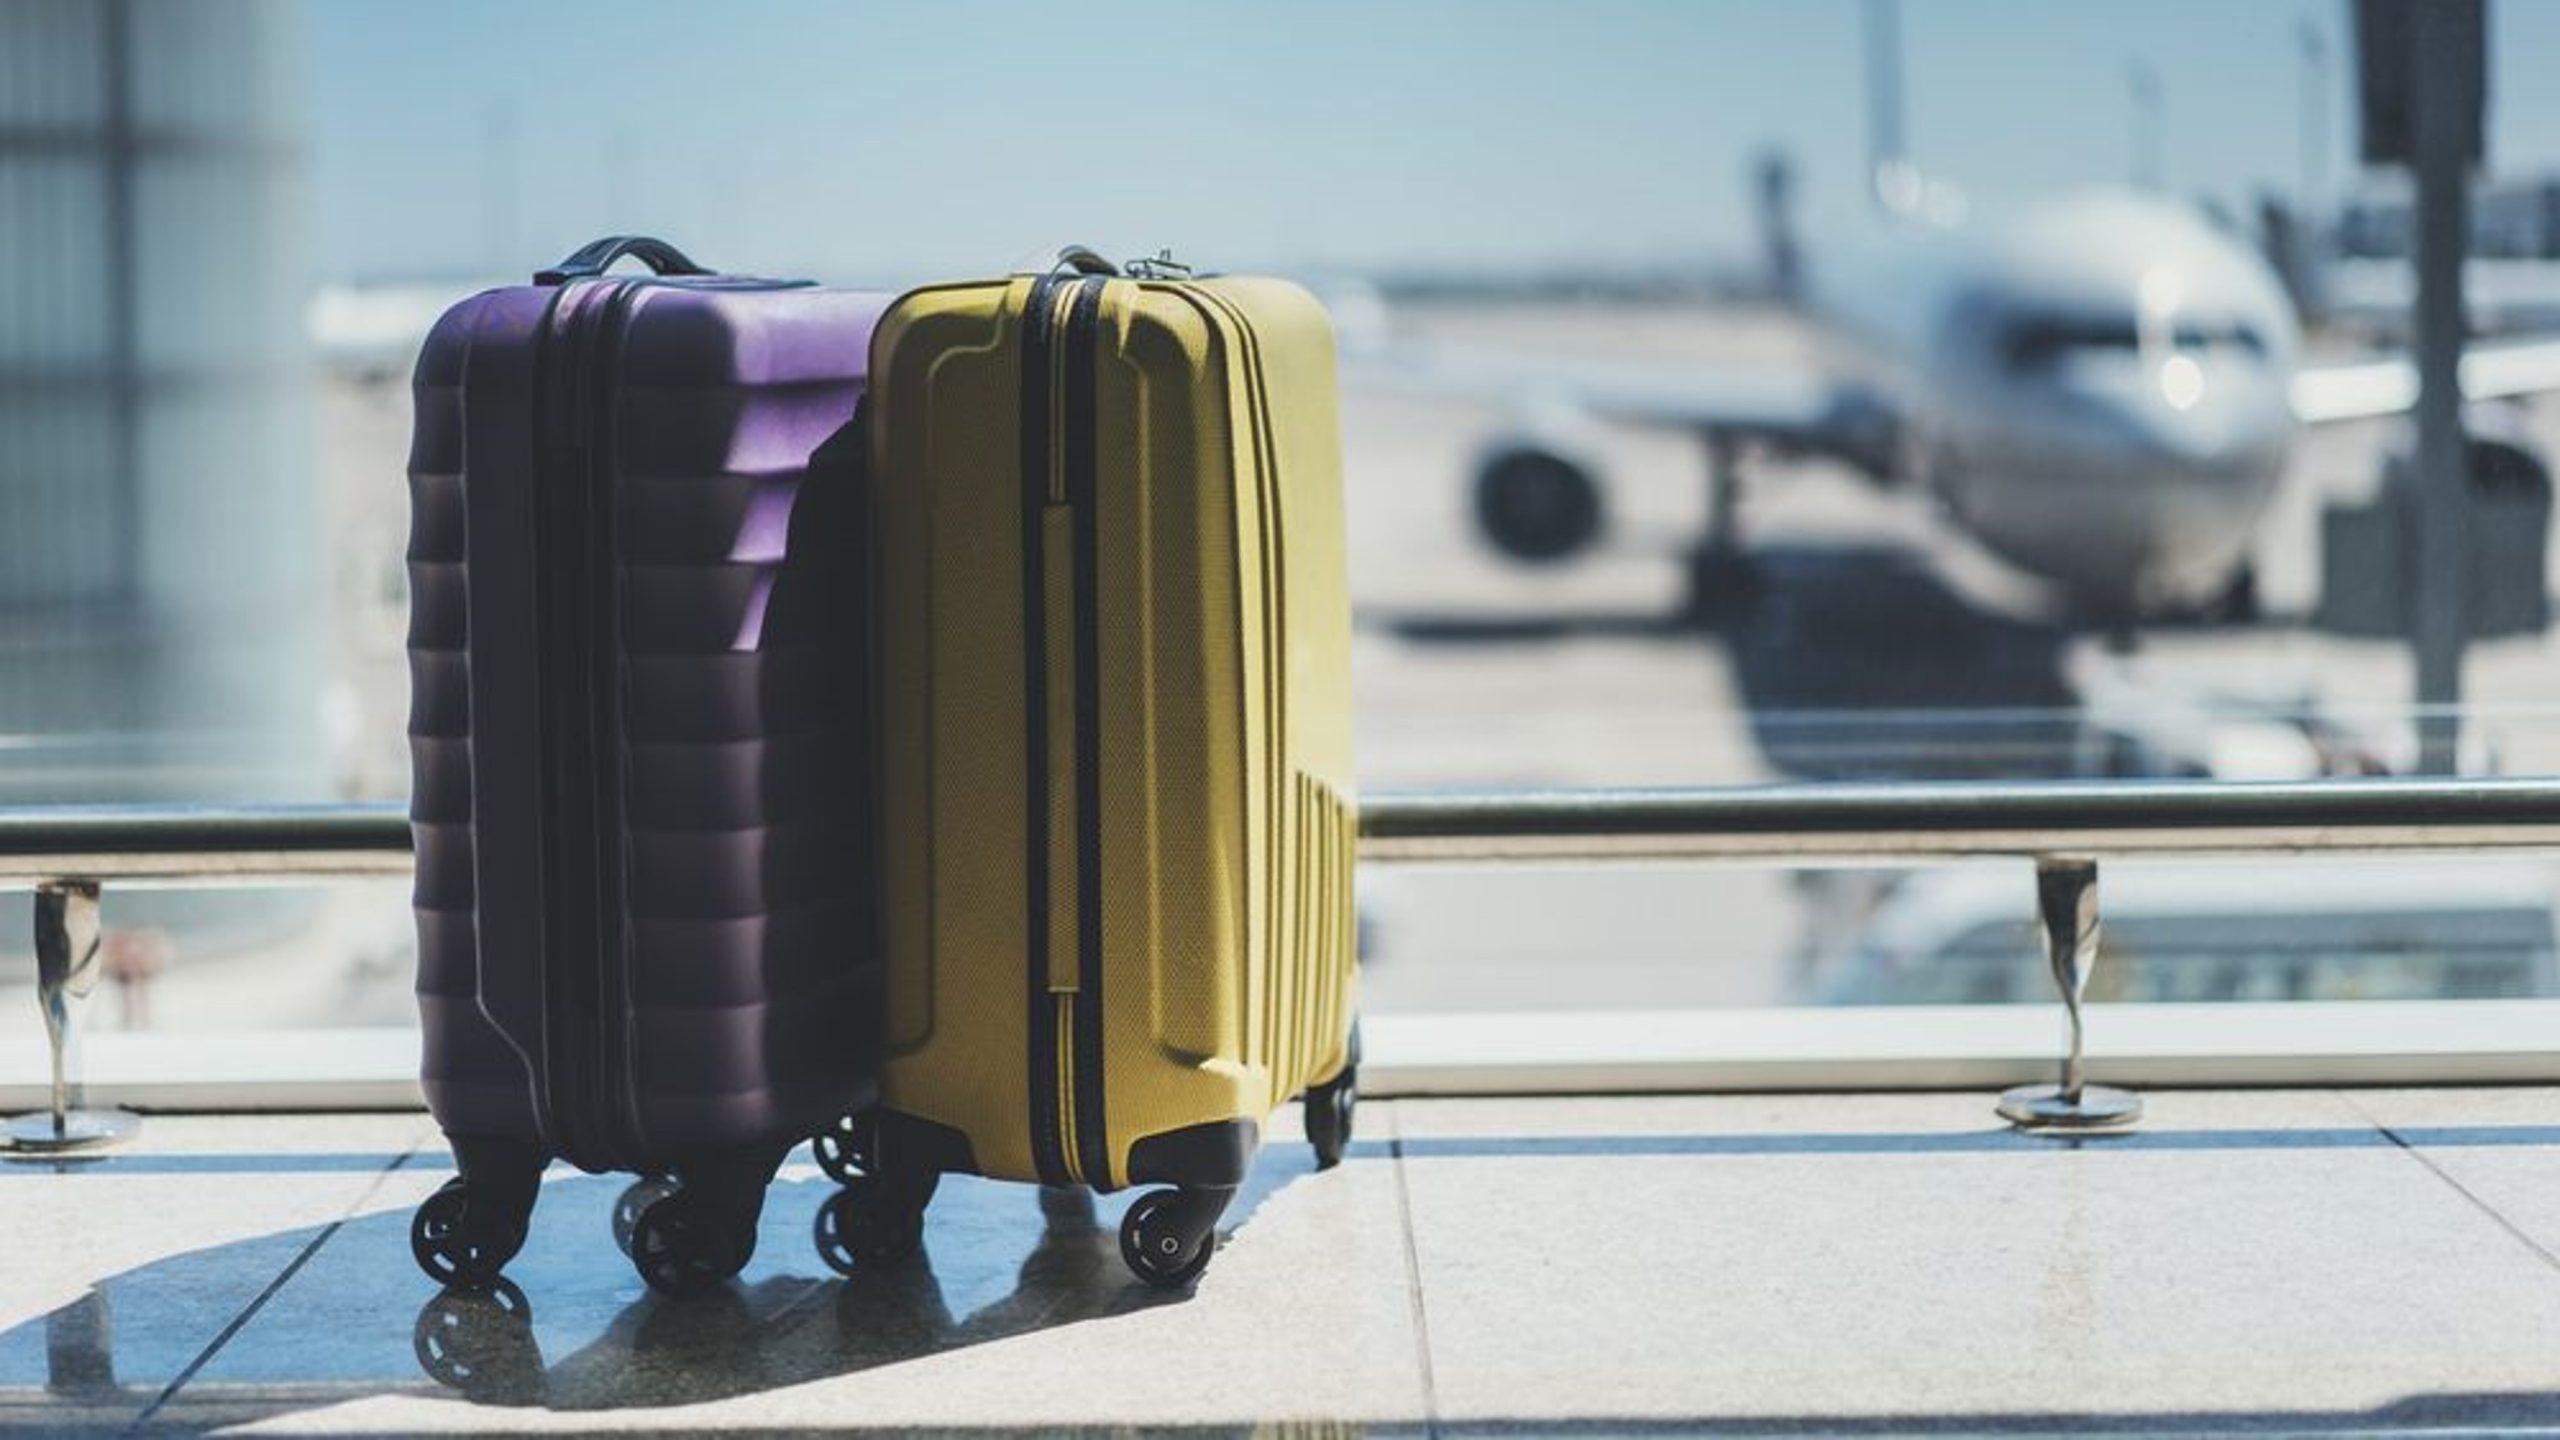 Durante julio de 2021 ingresaron al país 5,330,415 visitantes, de los cuales 3,384,599 fueron turistas internacionales